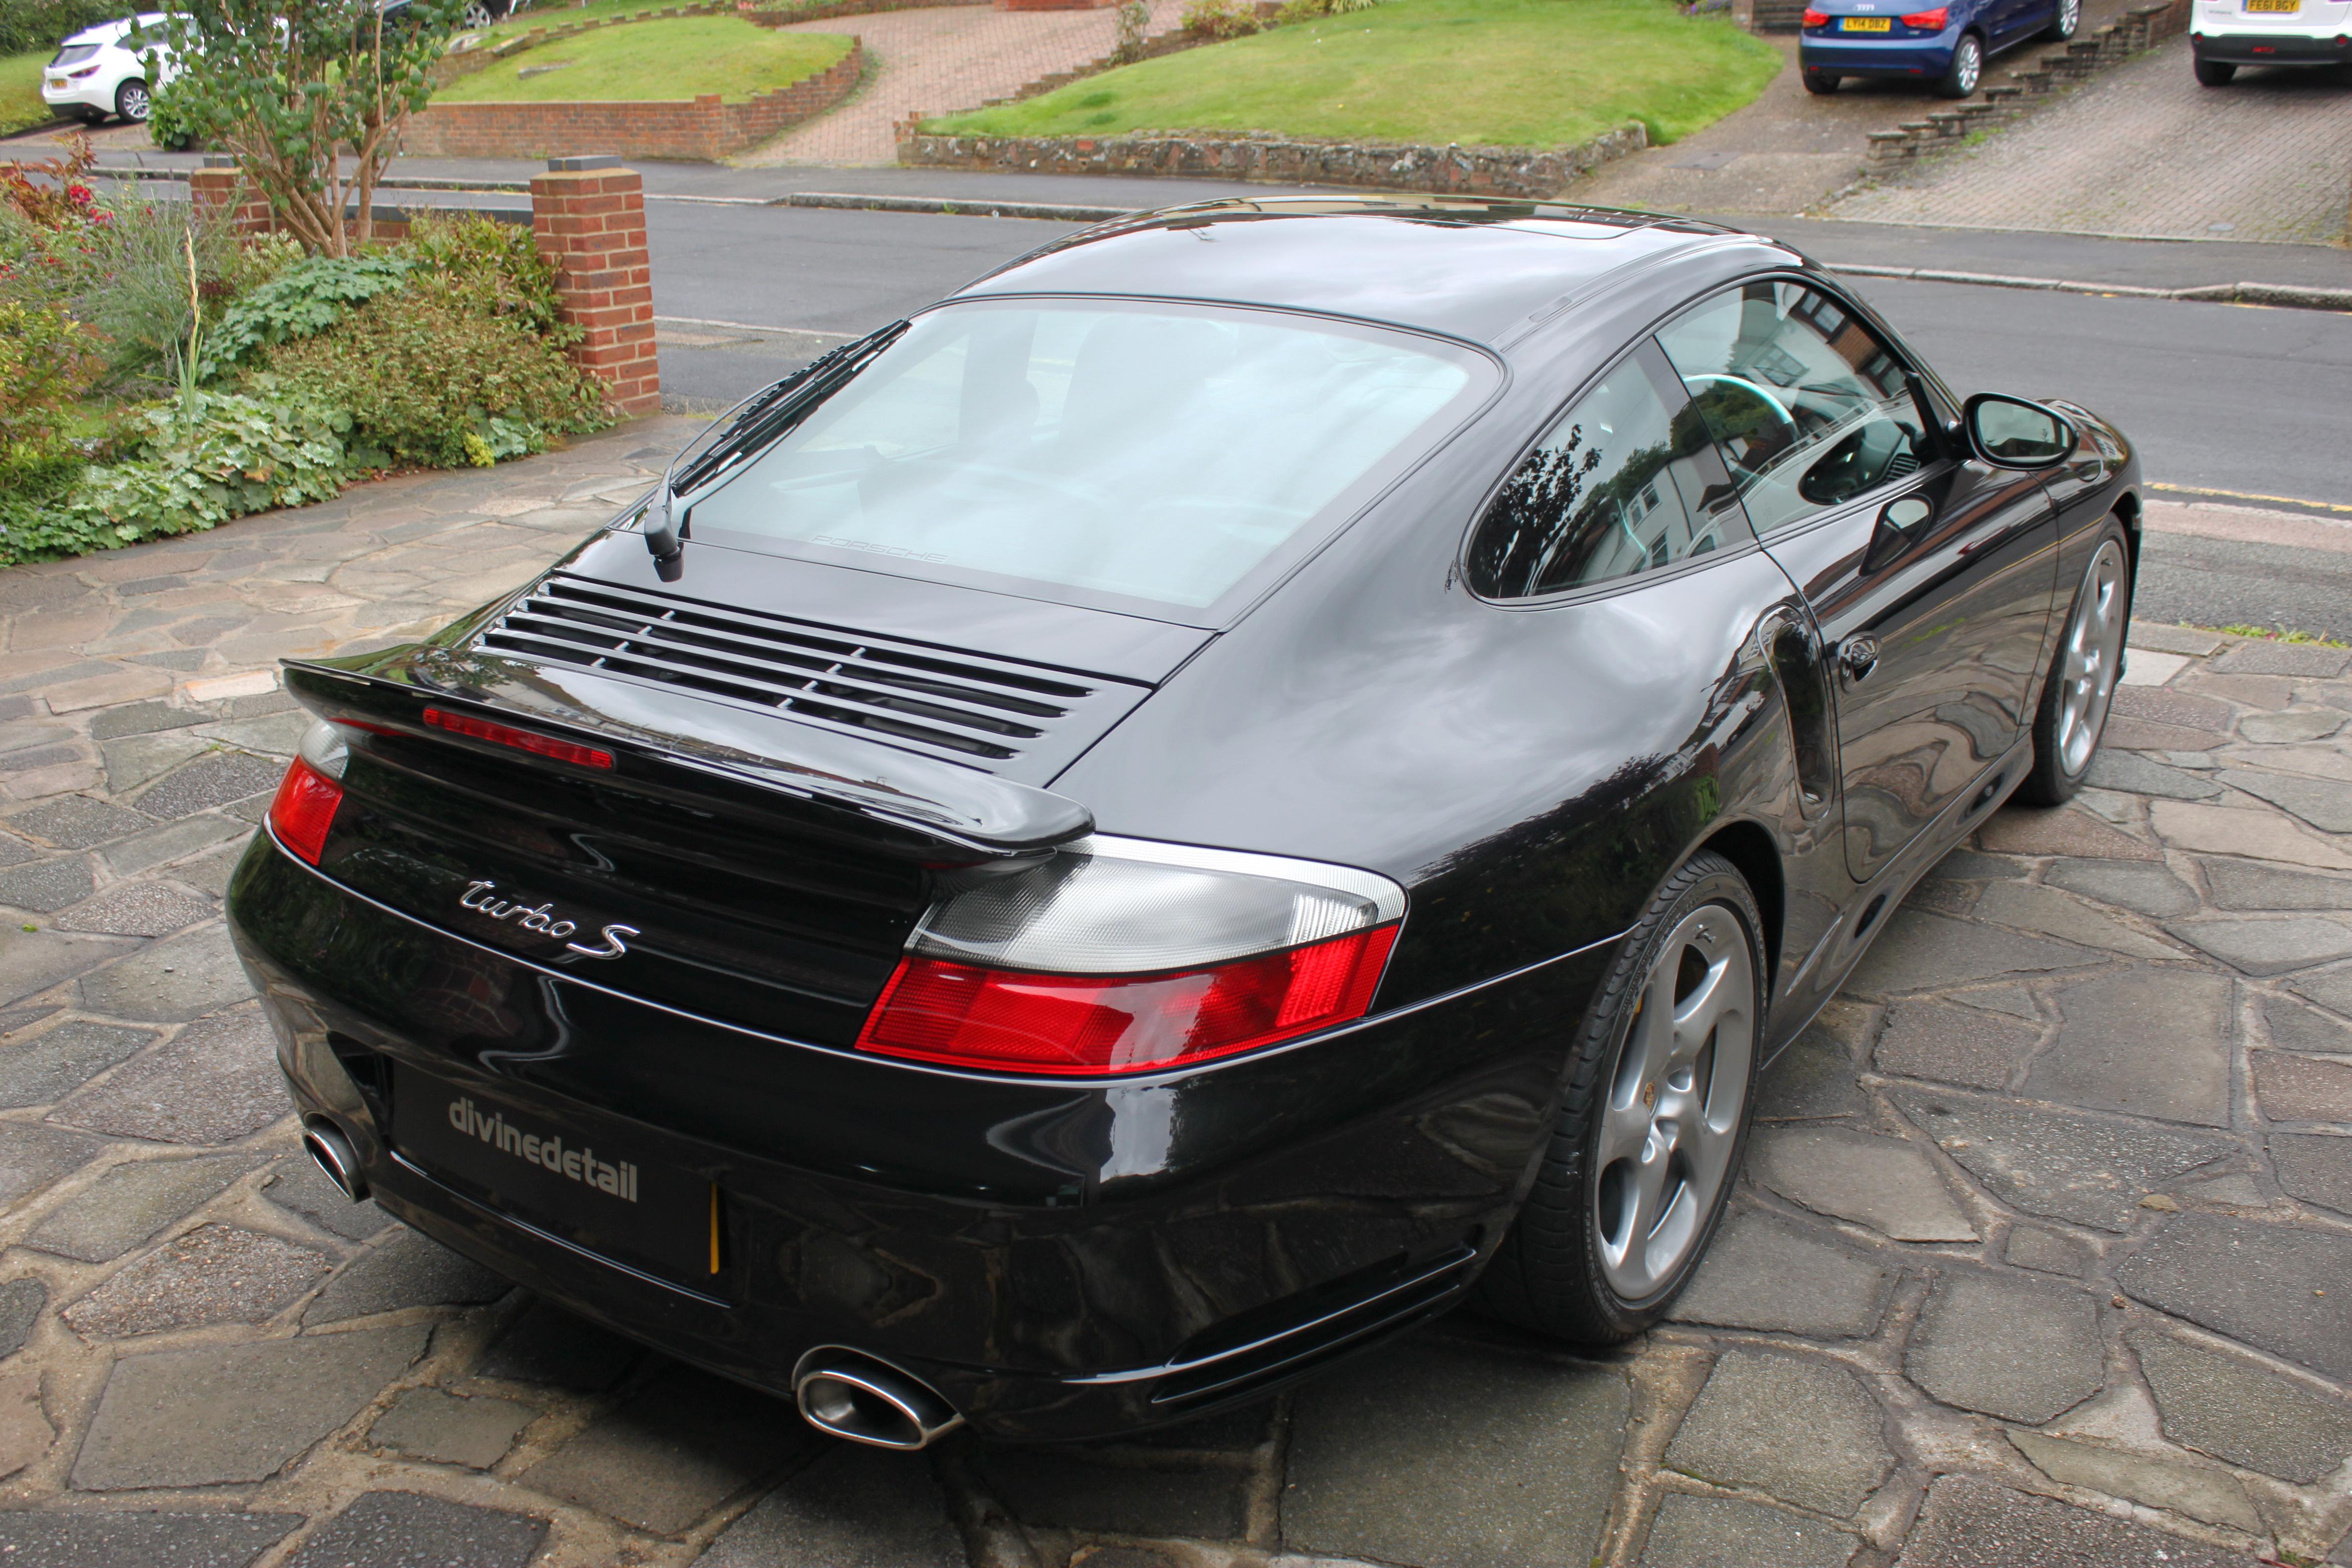 Porsche 911 Turbo S detail